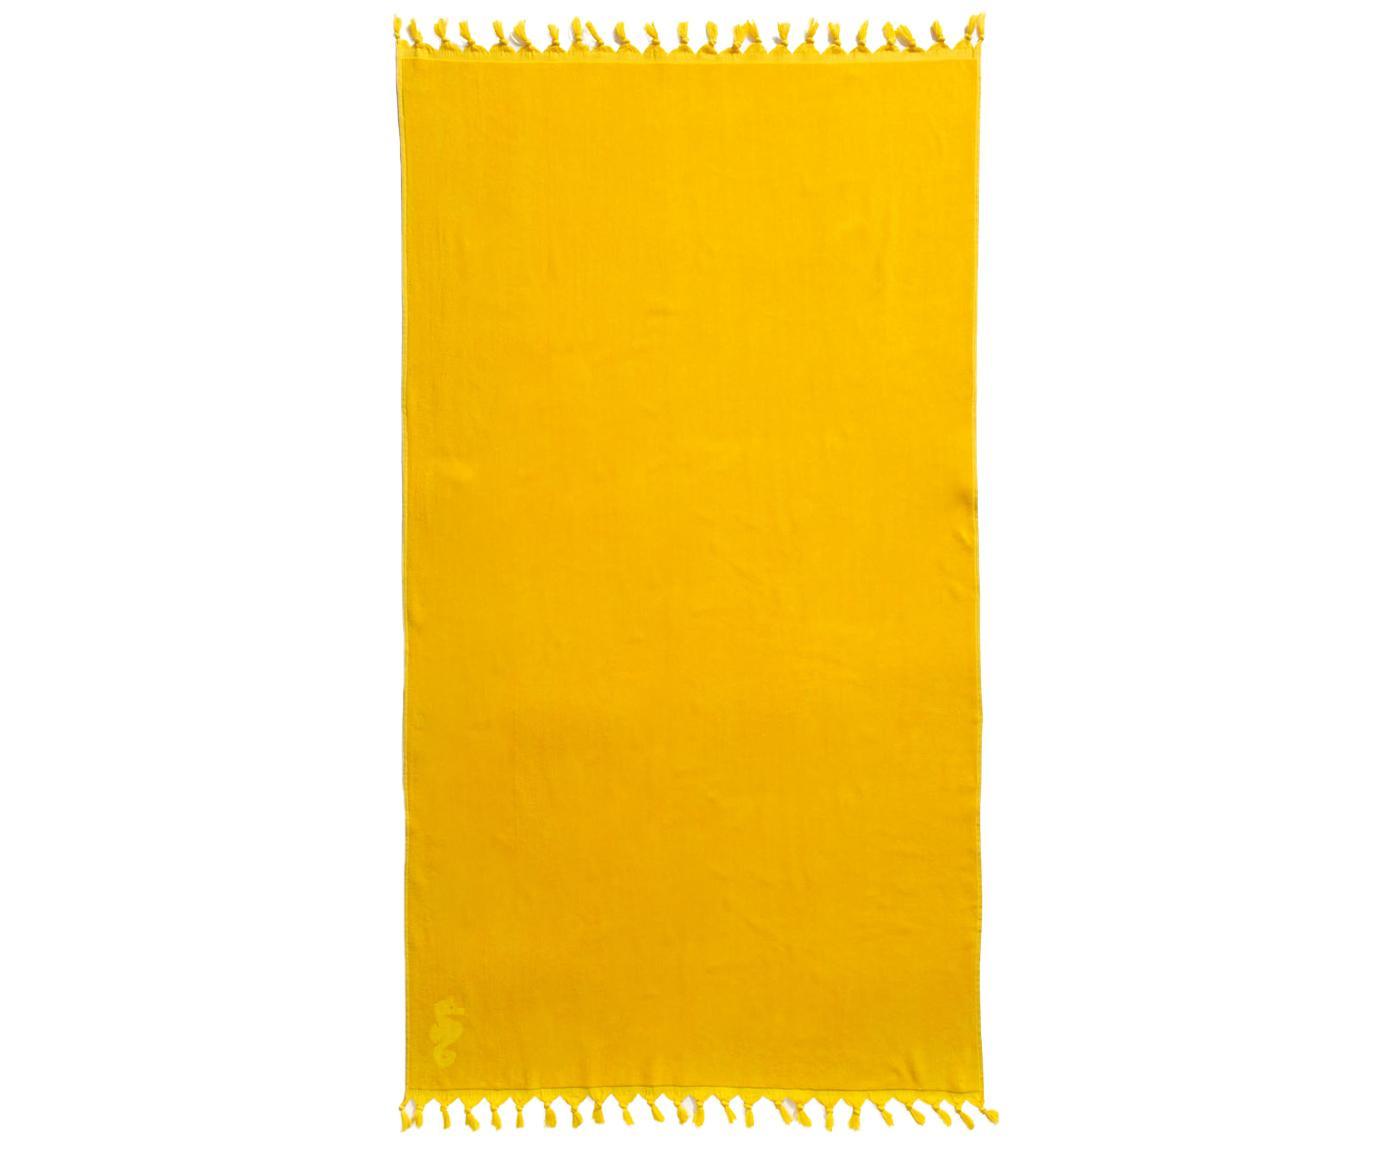 Telo fouta in cotone Lushie, Cotone Qualità del tessuto media, 355g/m², Giallo sole, Larg. 100 x Lung. 180 cm